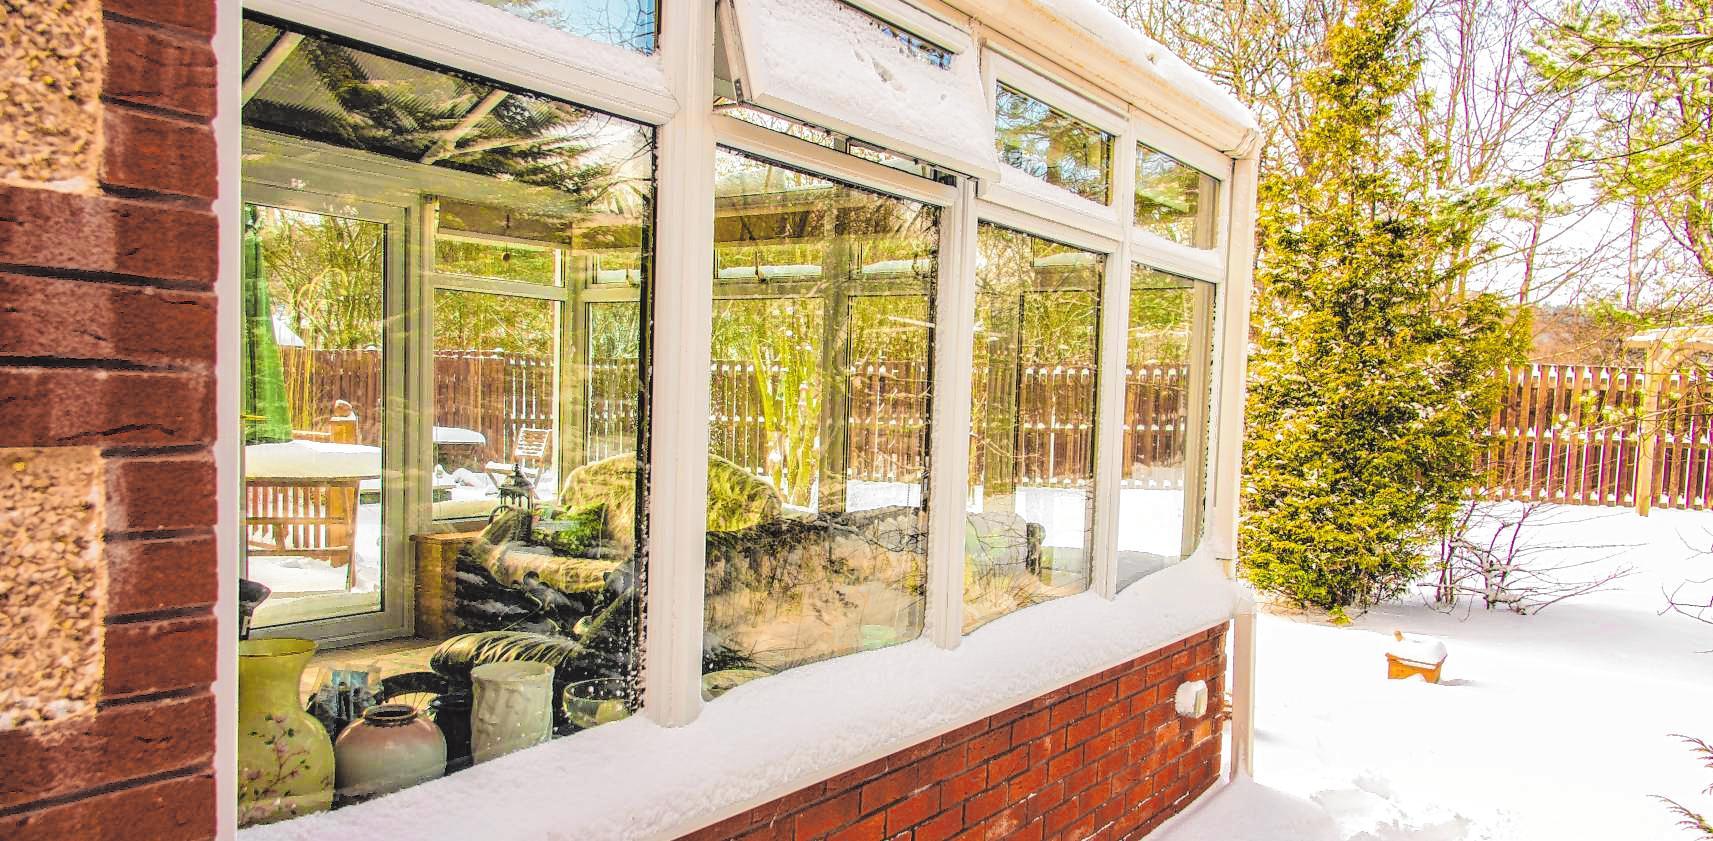 Mit einem Wintergarten lässt sich die Natur zu jeder Jahreszeit genießen. BILD: TREASUREGALORE - STOCK.ADOBE.COM